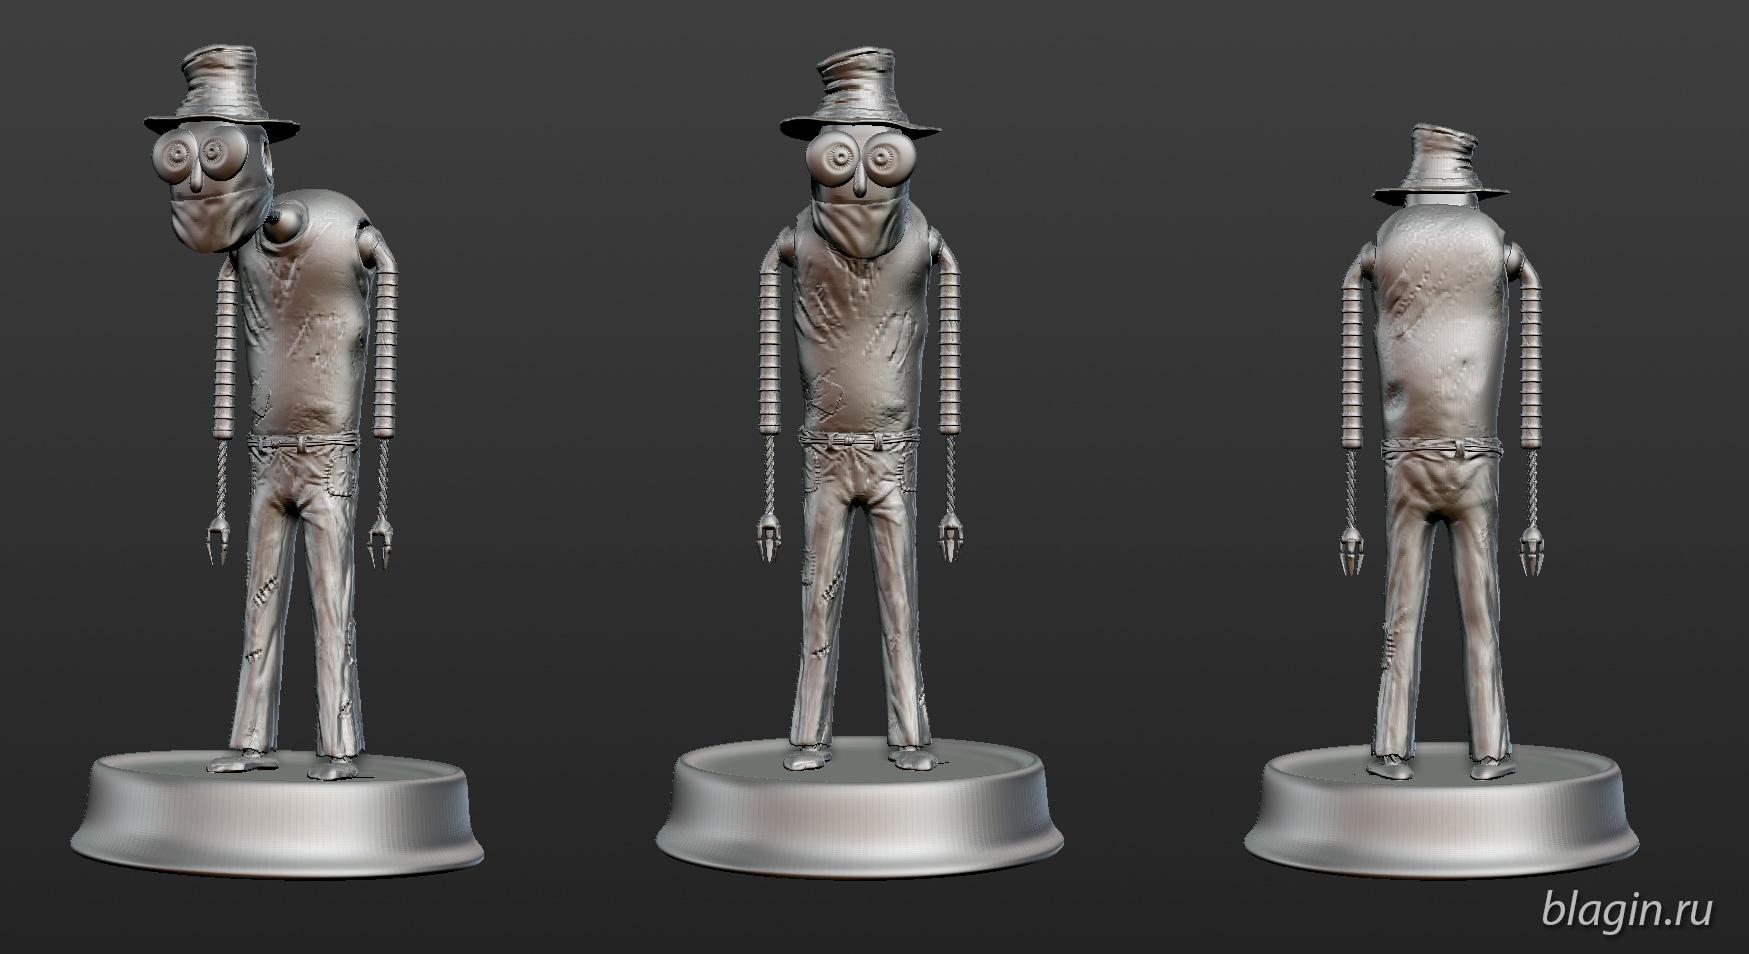 Robo sculpt zbrush